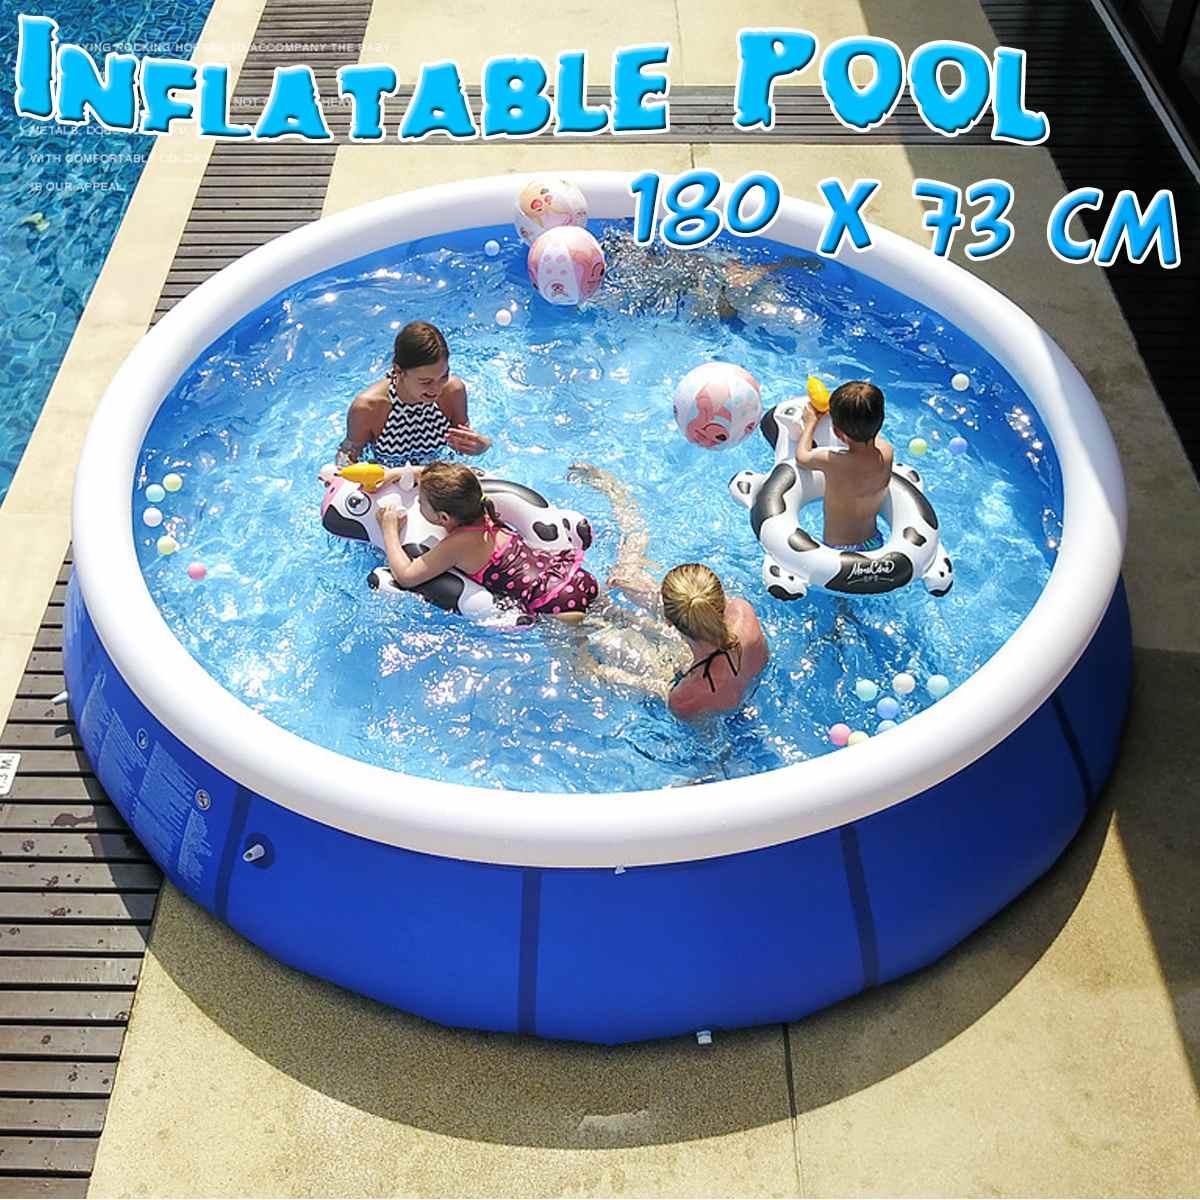 180x73cm piscine gonflable ronde enfants adultes baignoire jeu d'eau bébé usage domestique pataugeoire carré gonflable